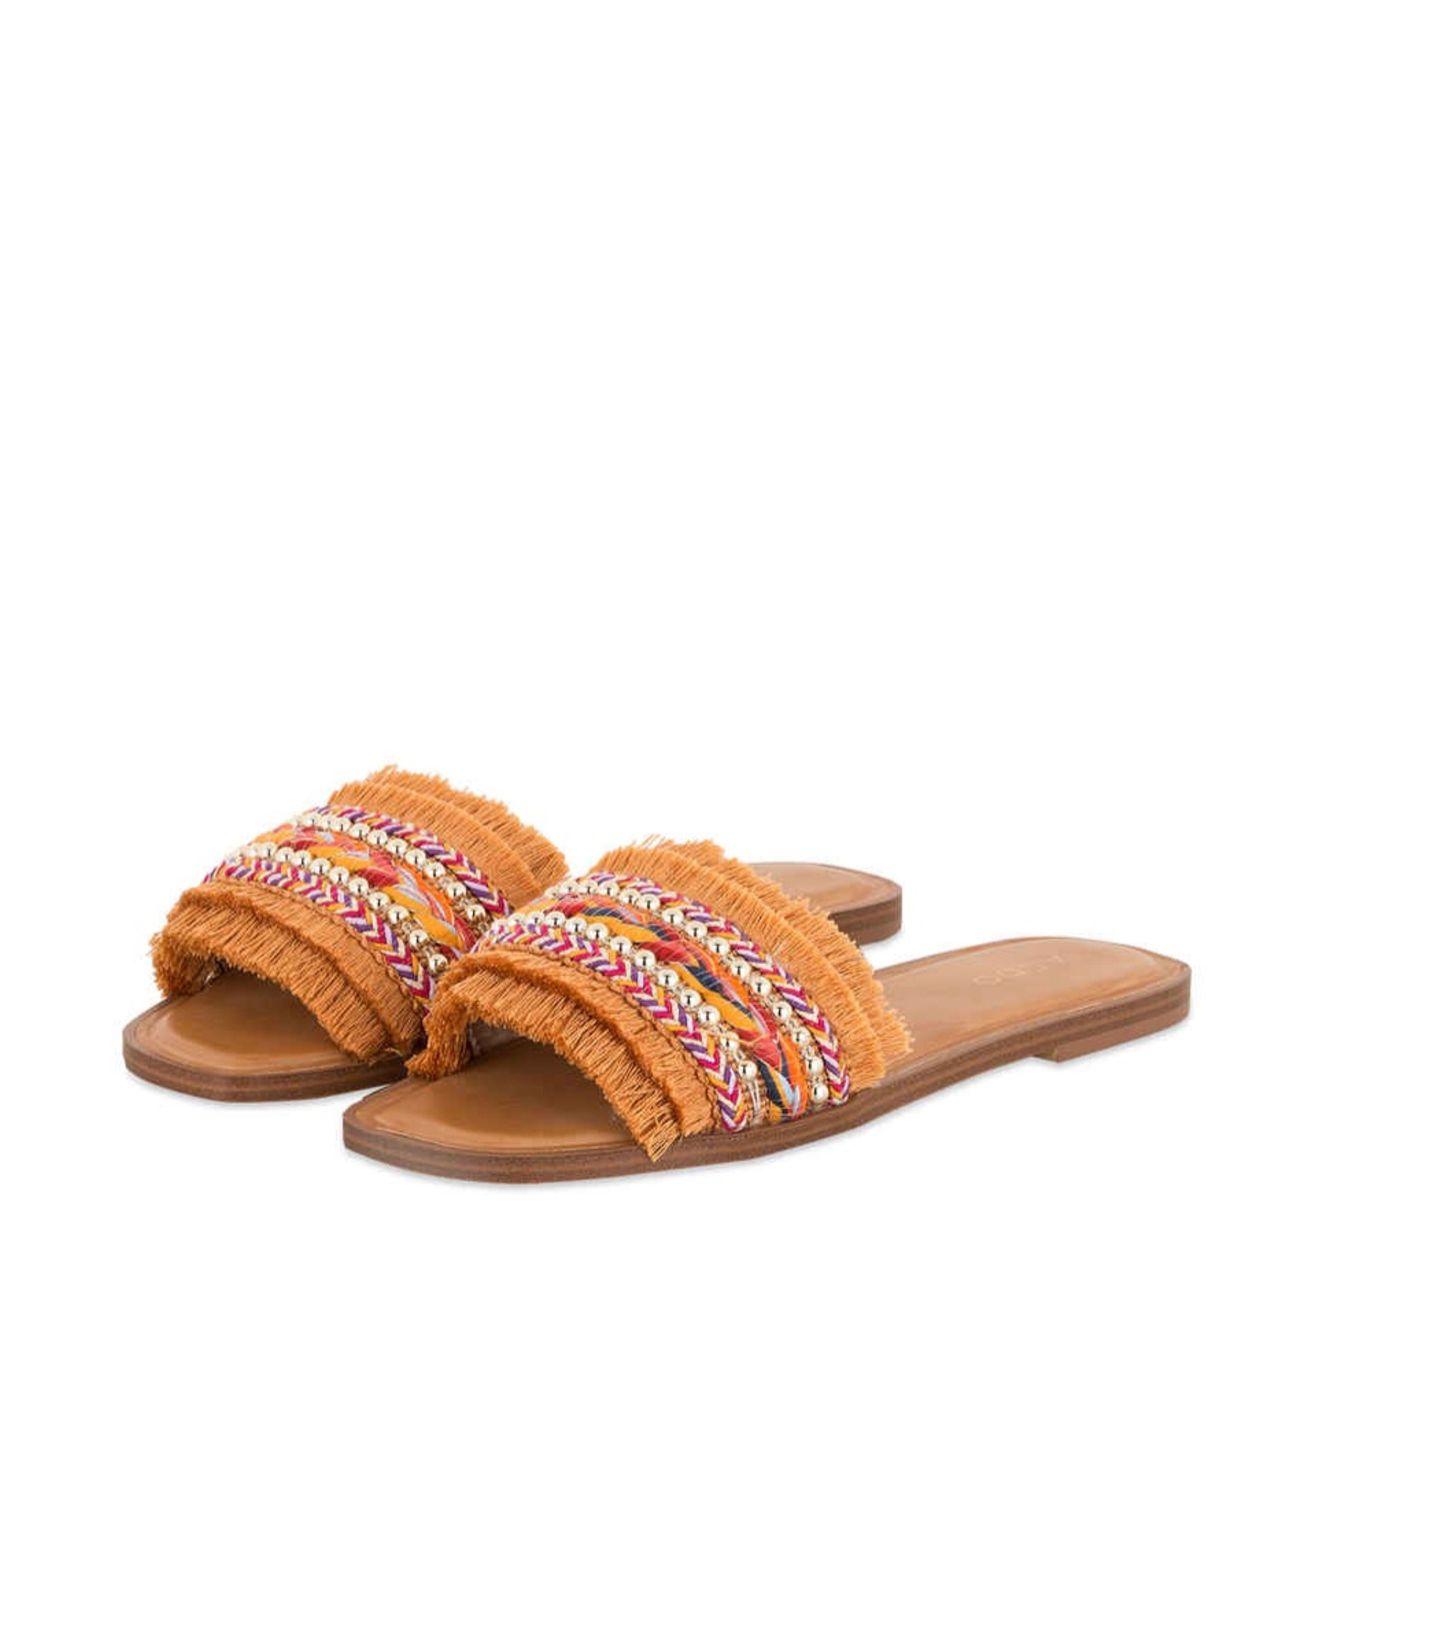 Vor allem im Sommer bekommen wir nicht genug von coolen Boho-Looks. Diese Pantoletten mit Fransen und Perlen bringen einen Hauch Hawaii in deinen Style – we looove! Von Aldo über Breuninger, um 50 Euro.